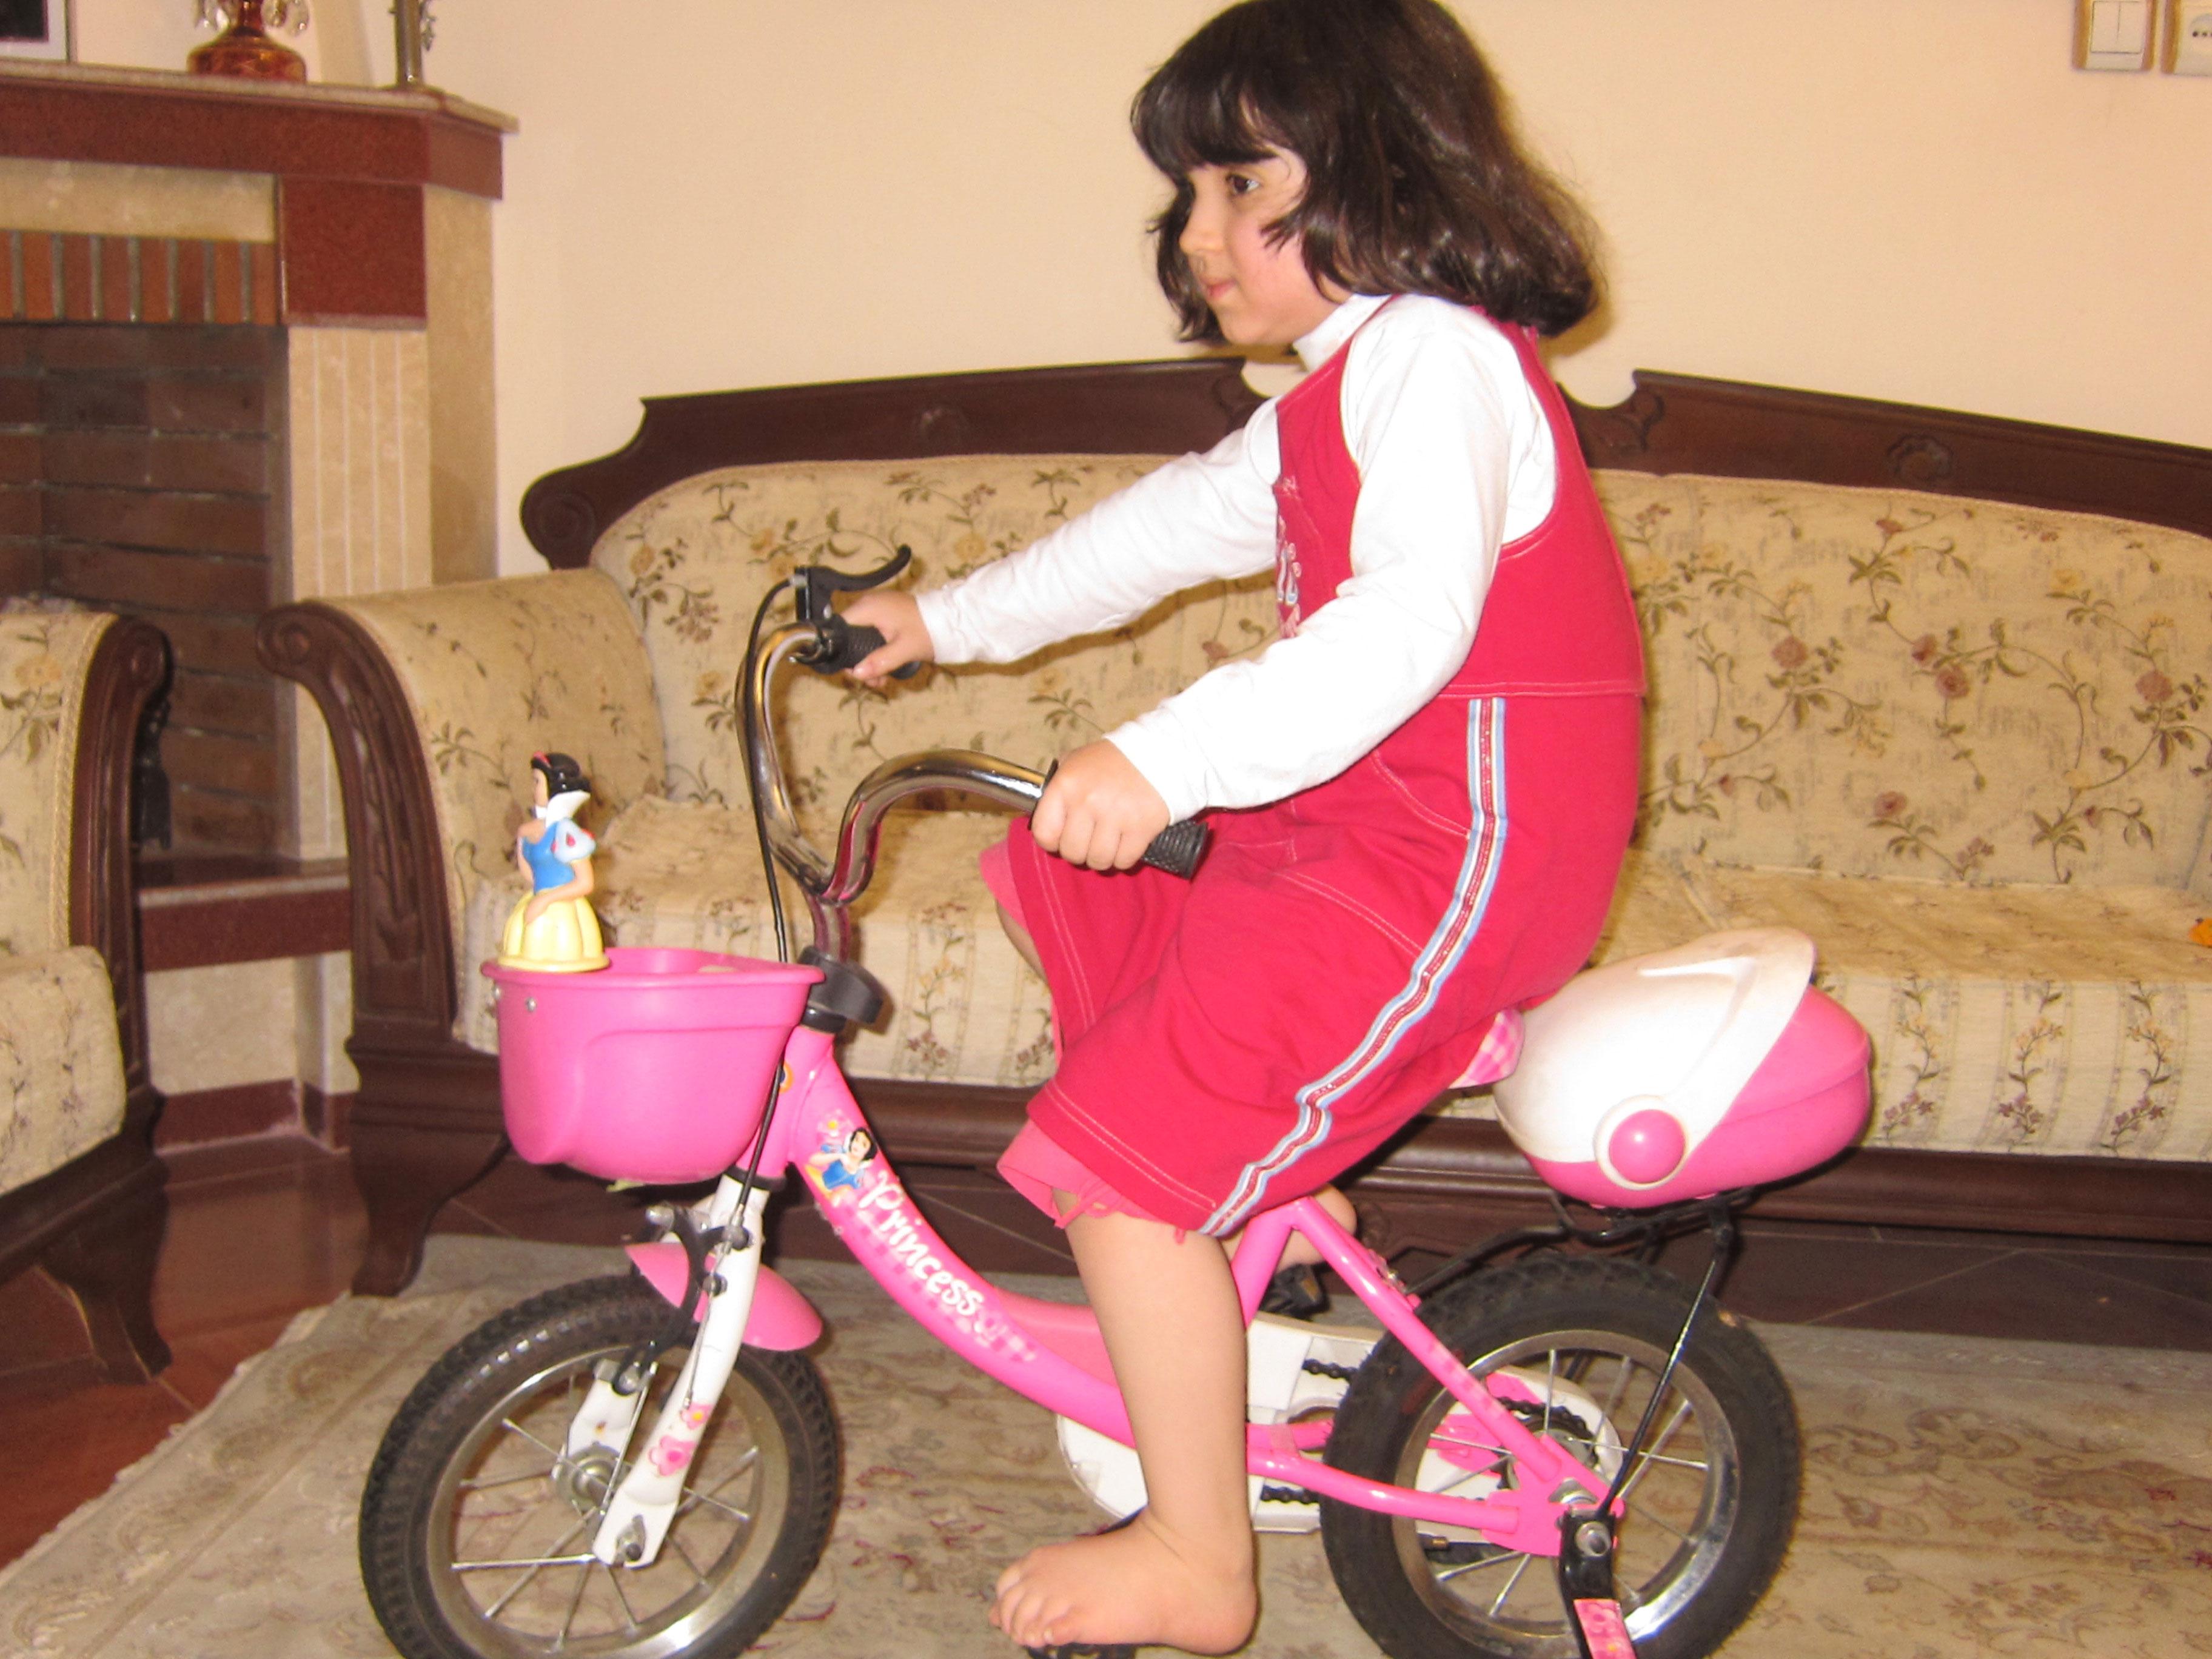 عشق مامان و بابا در حال دوچرخه سواری با جوجه ها